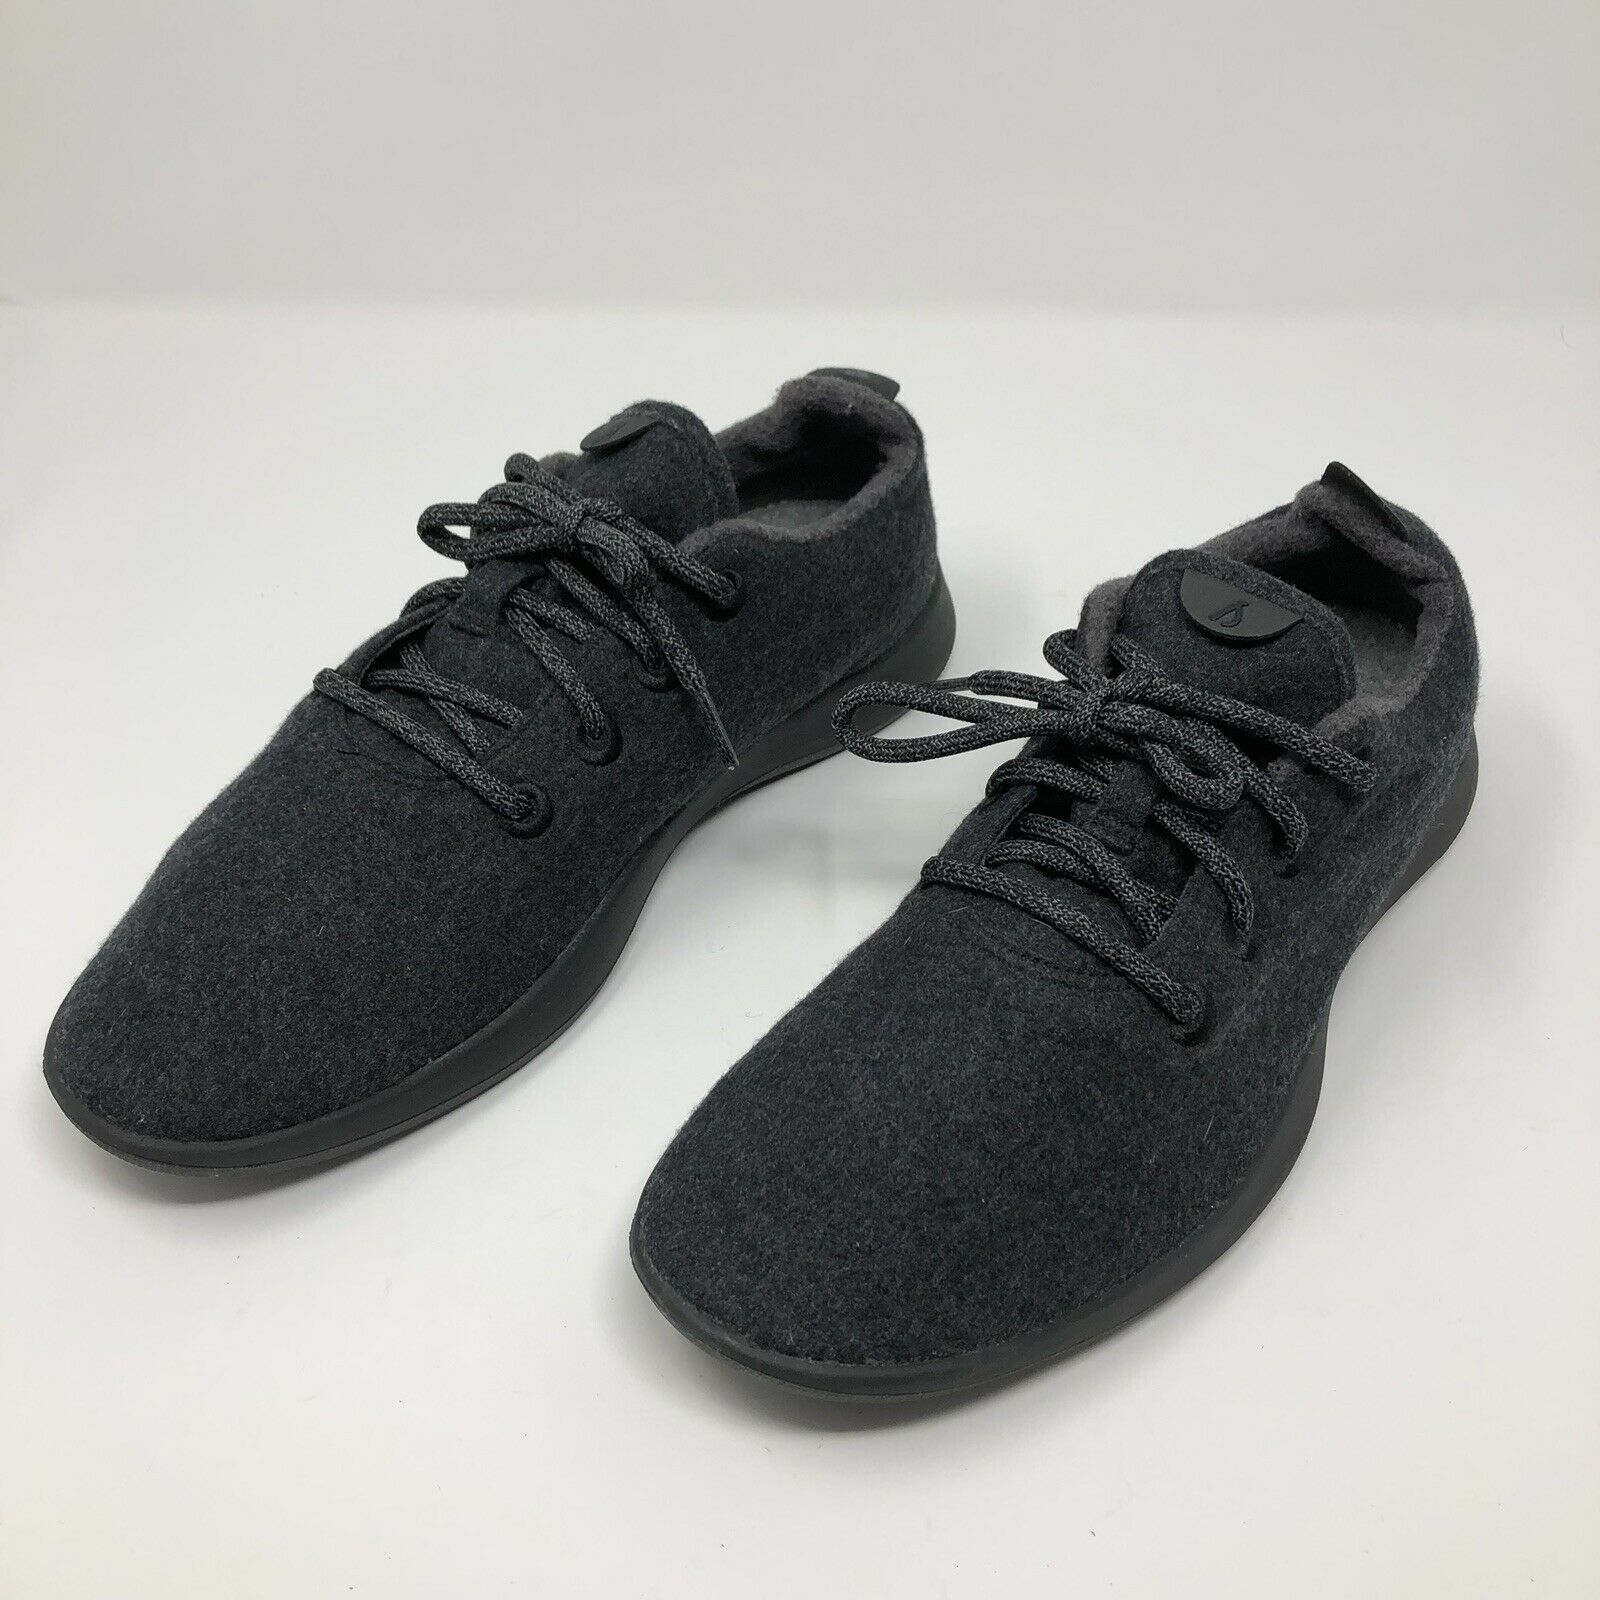 Allbirds Lana Runner Comodidad Zapato Suela Negro Carbón con excelente condición usada para hombres talla 10